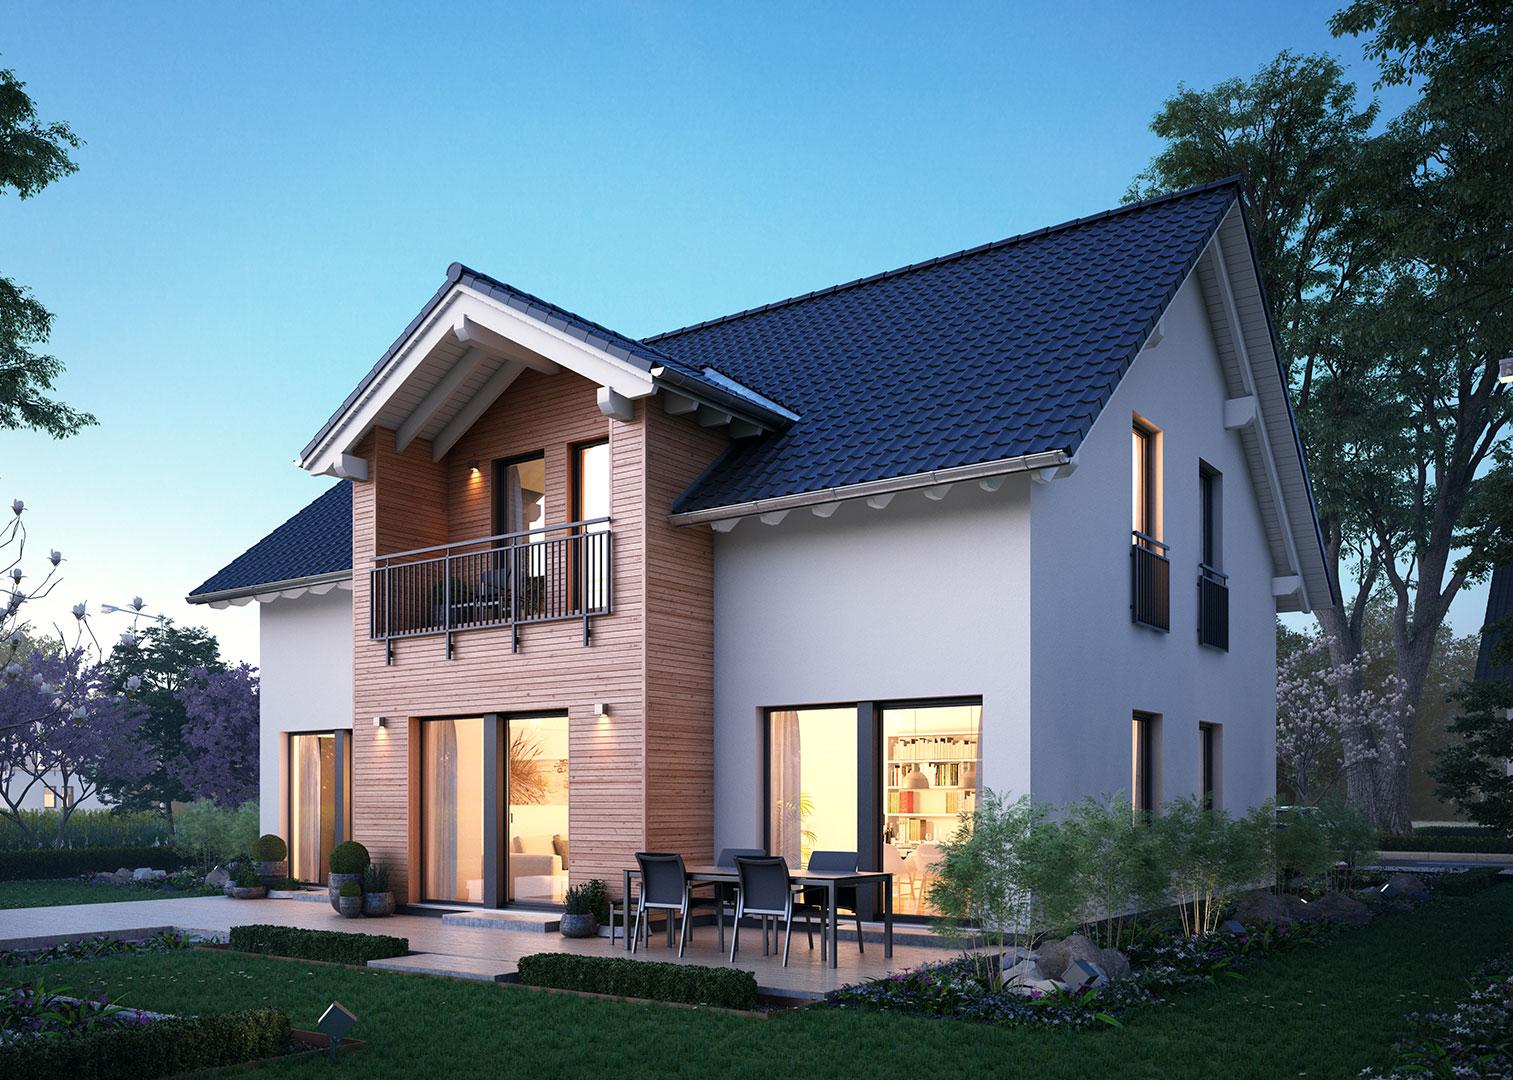 massa-einfamilienhaus-lifestyle-18.02-S-bild-8-folder-3